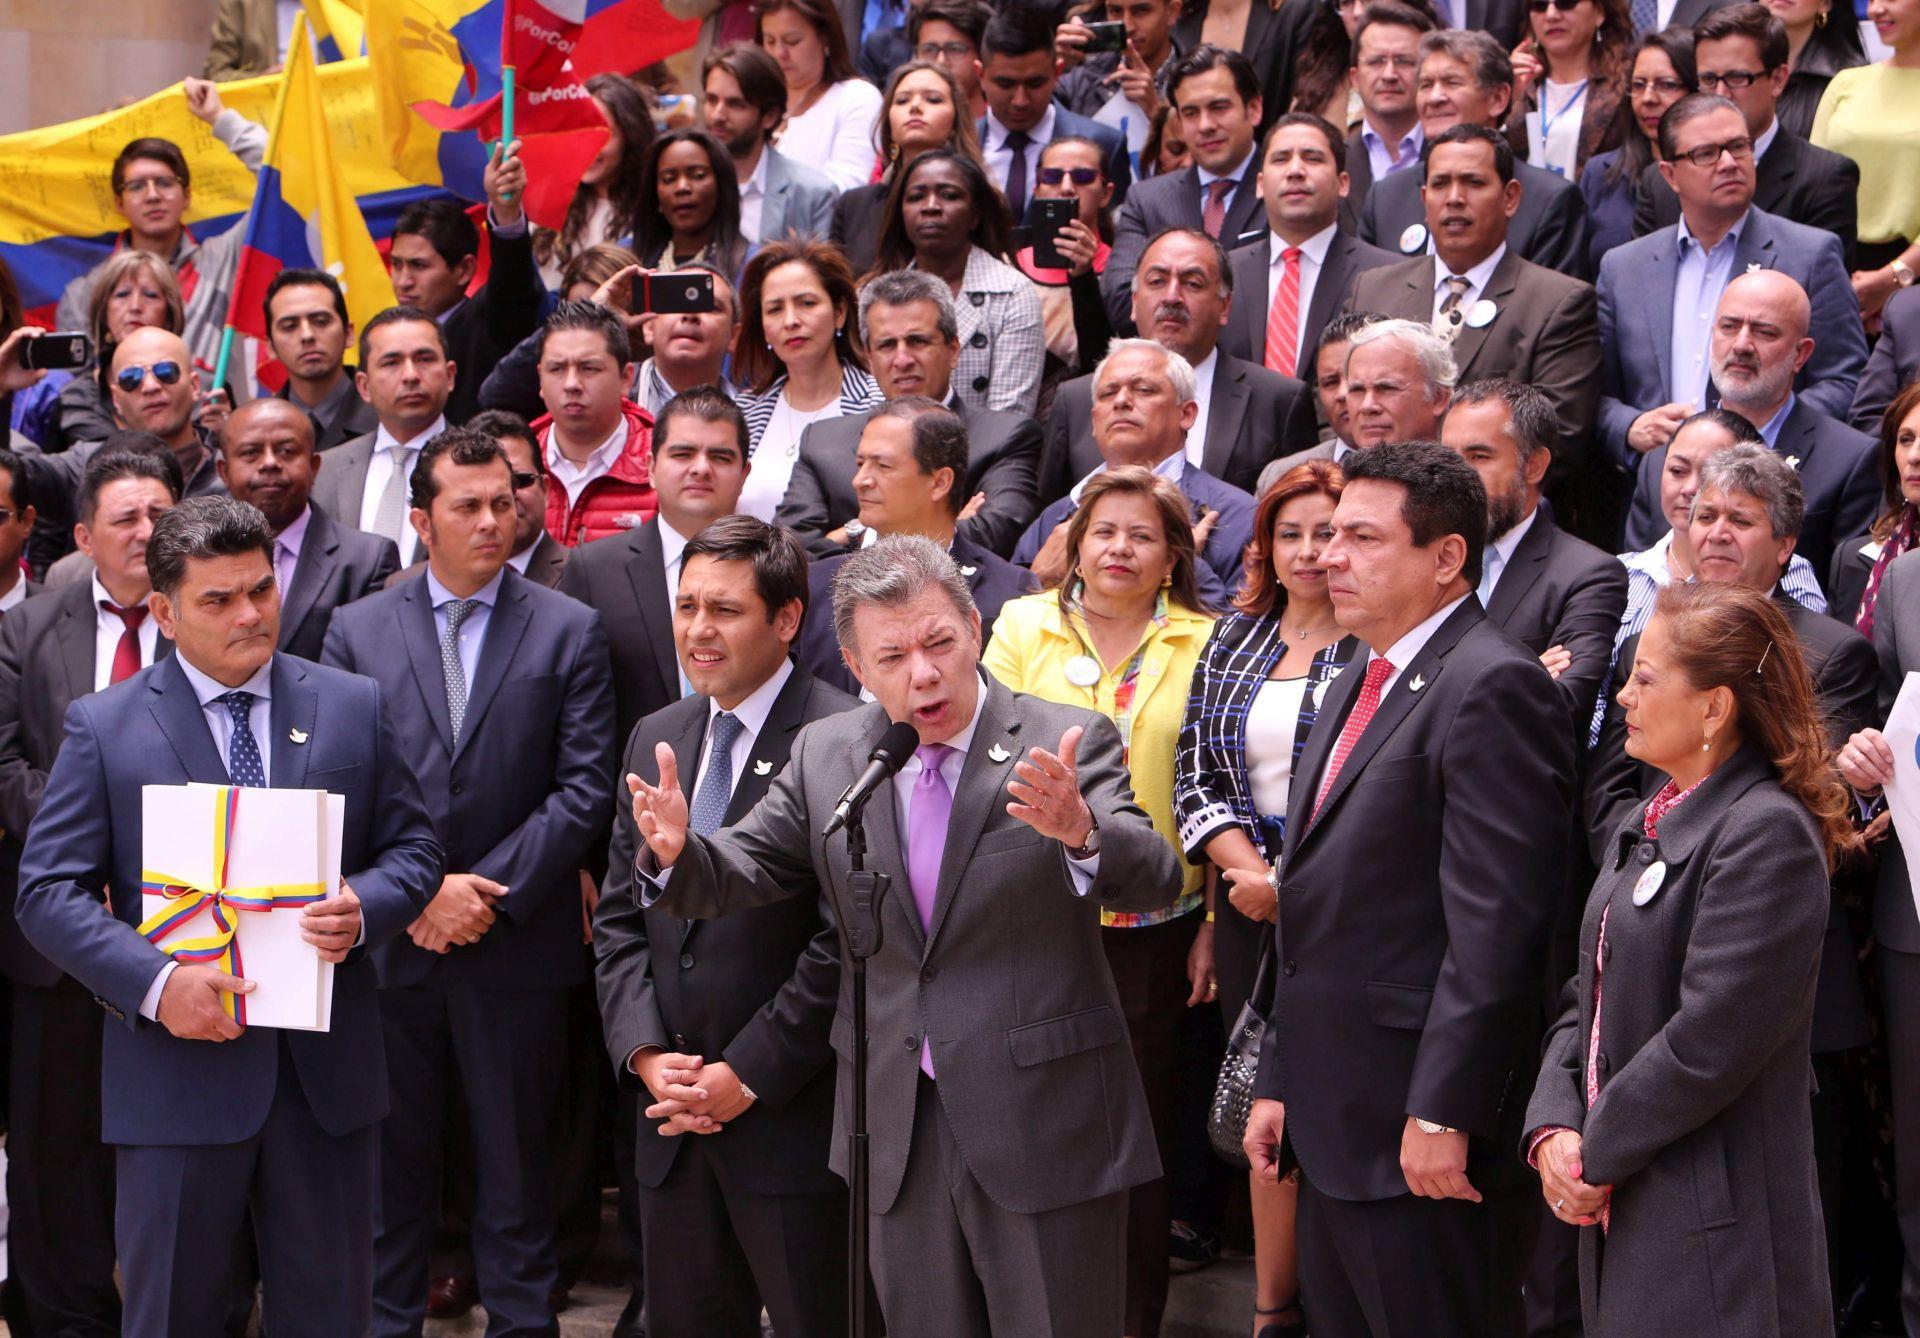 PREKID VATRE: Povijesni dan za Kolumbiju, kraj rata s FARC-om nakon 52 godine